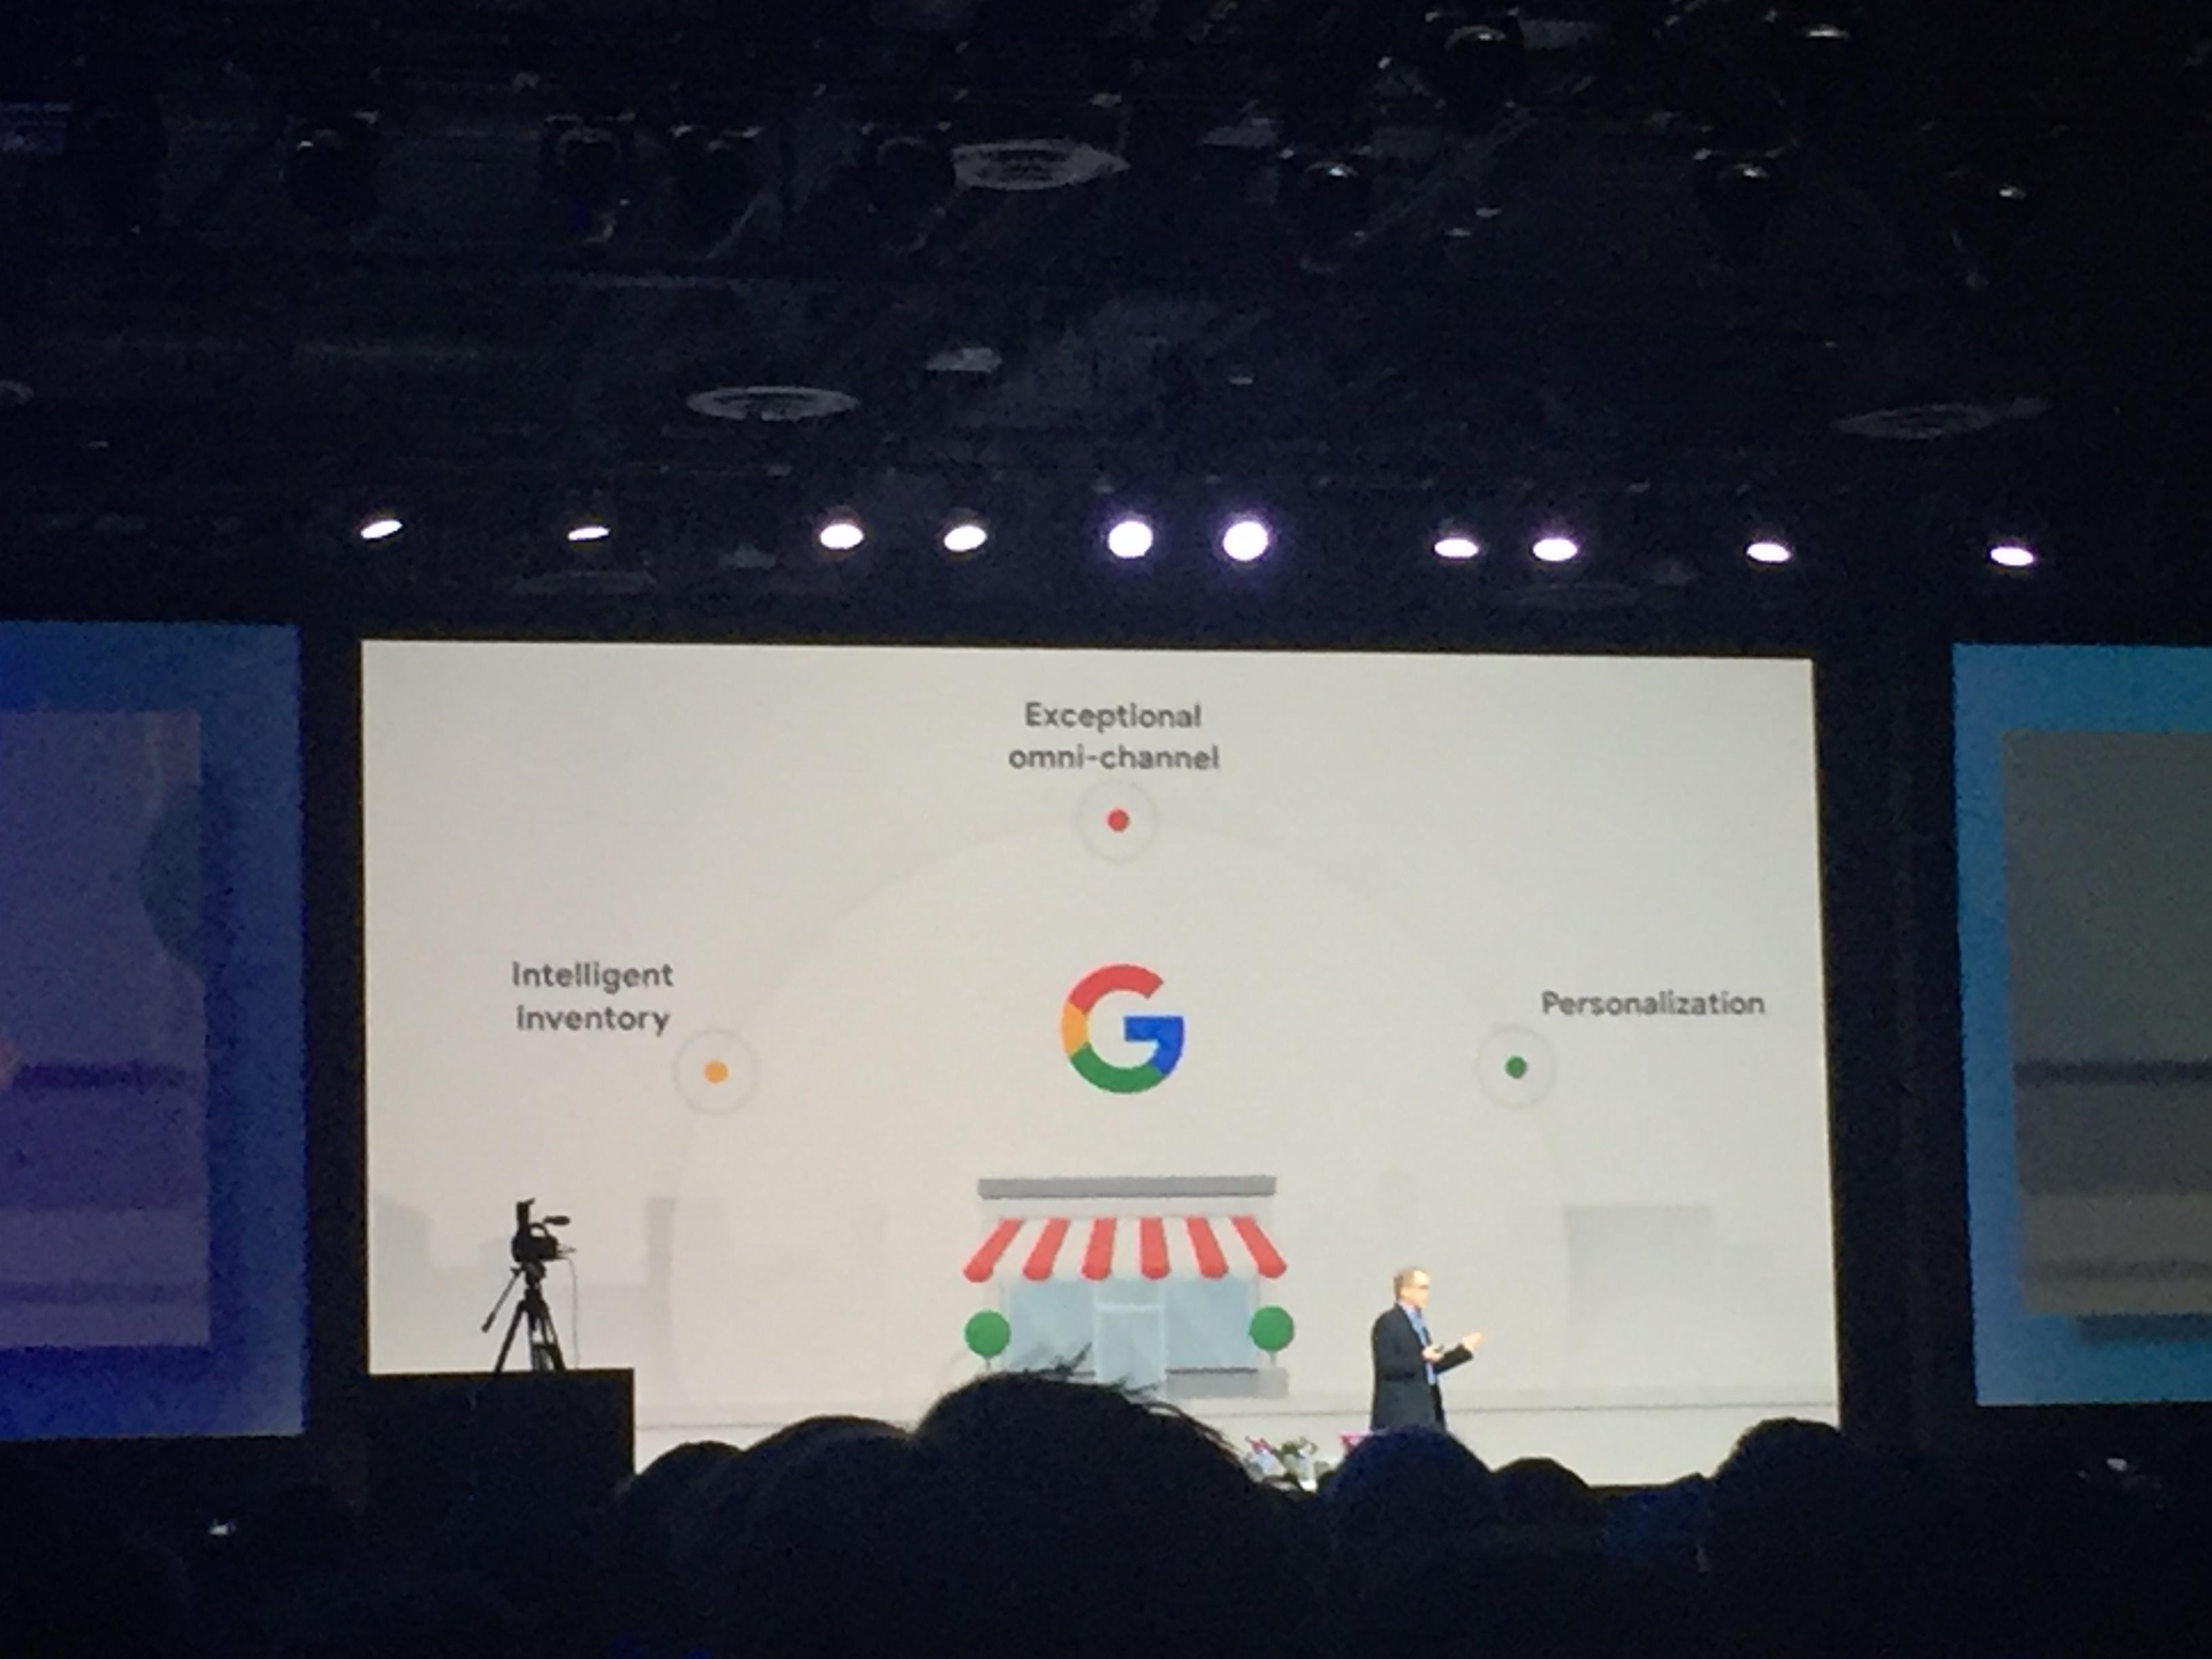 구글과 리테일의 협력 기회를 소개하는 다니엘 알레그레(Daniel Alegre) 구글 리테일/쇼핑 부문 사장 ©김수영